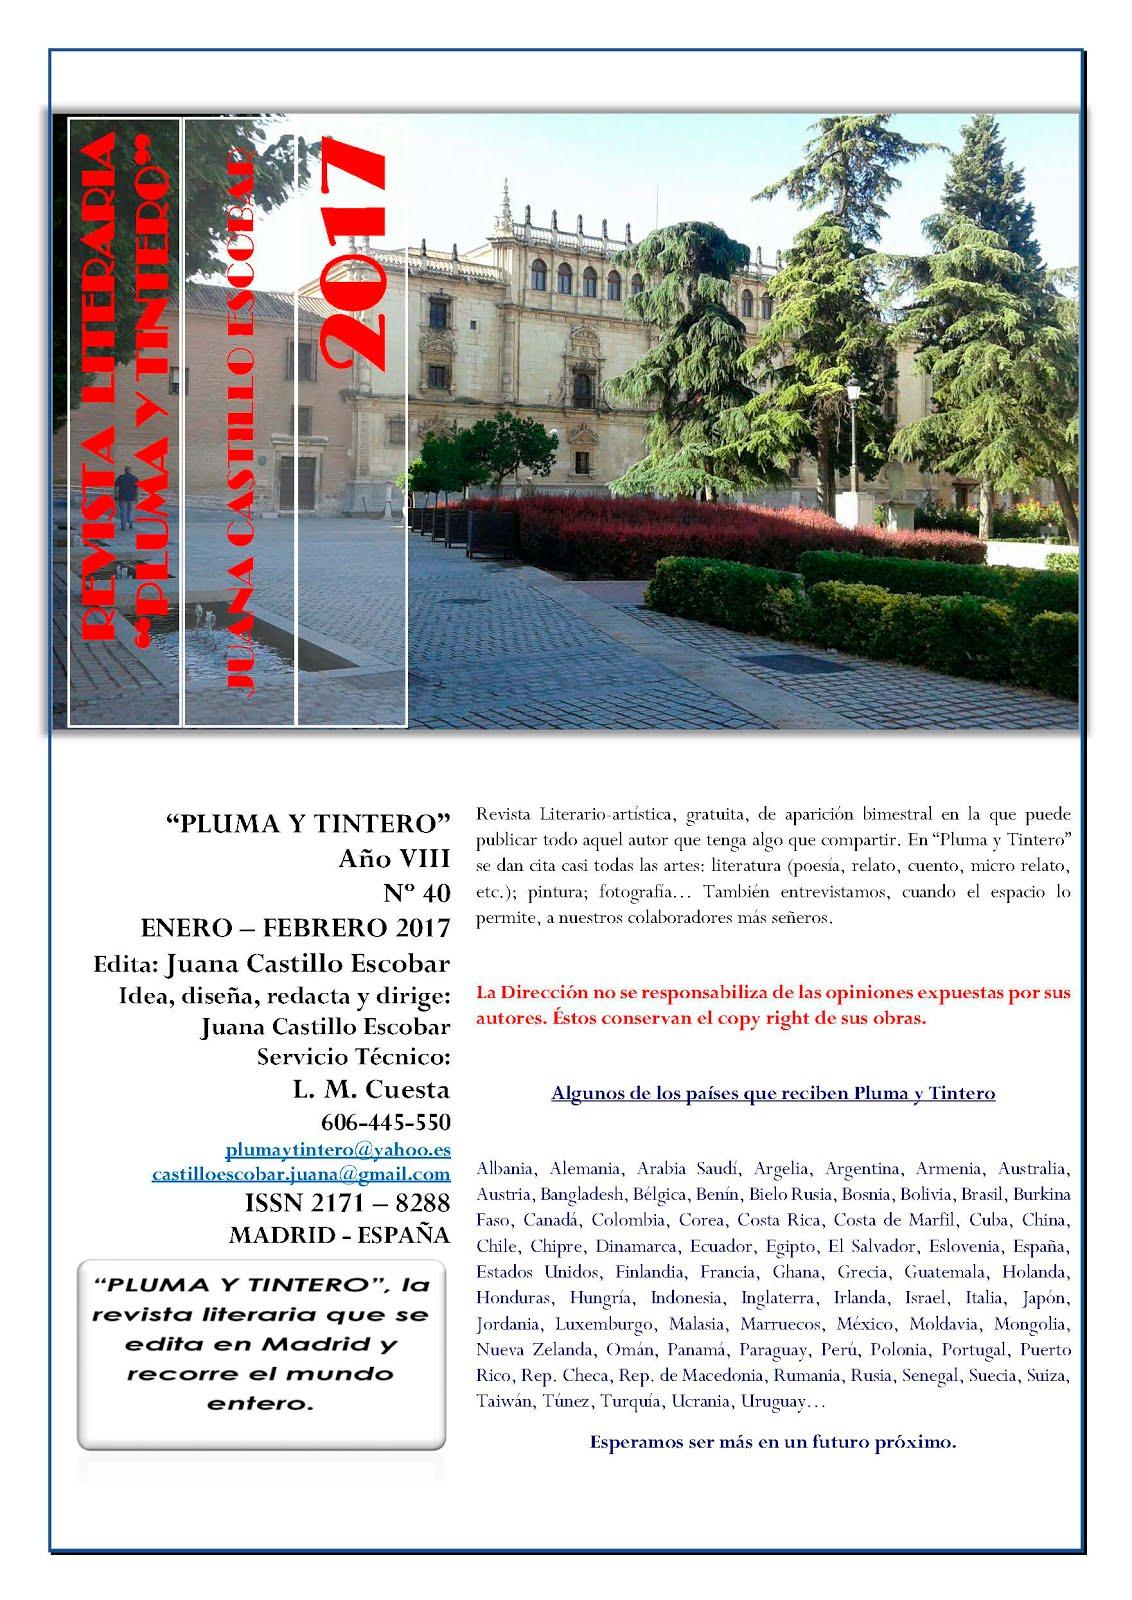 Revista Nº 40 - Año VIII - ENERO-FEBRERO 2017